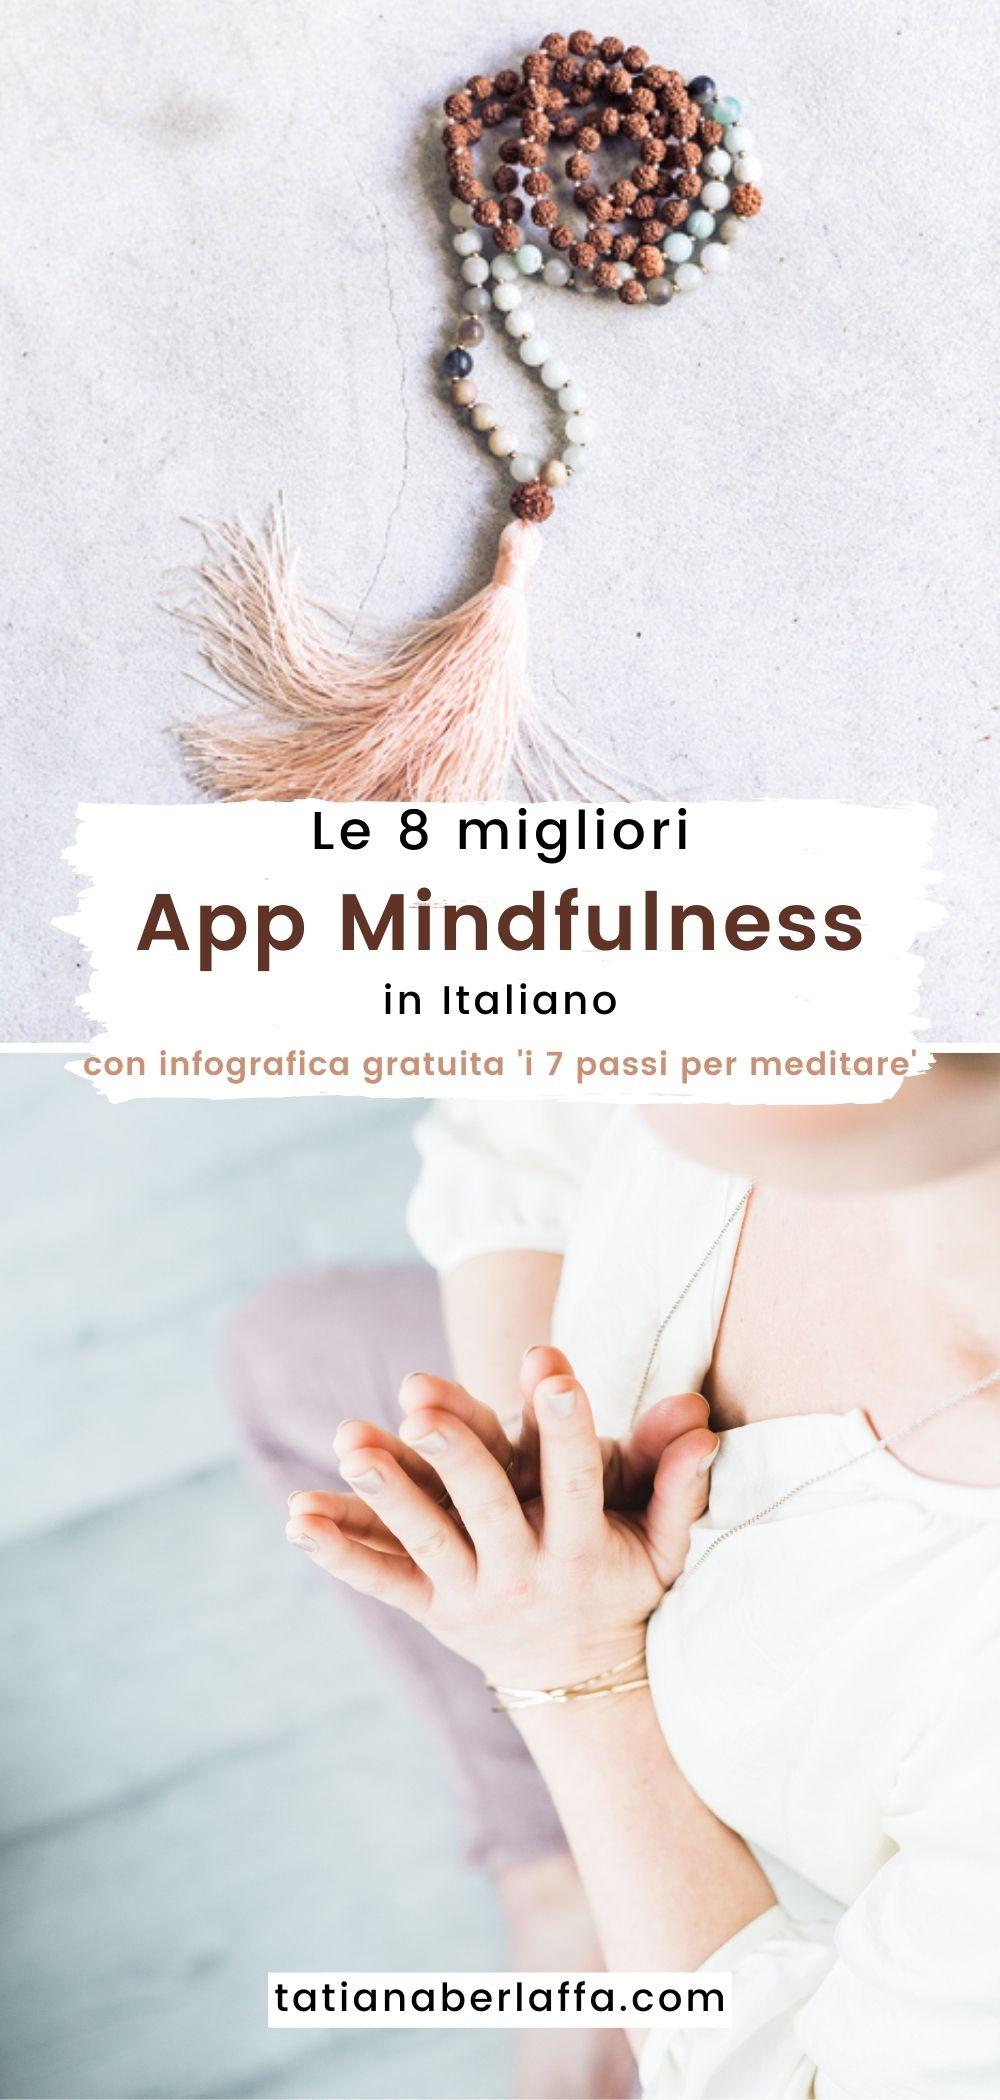 Le 8 migliori App di meditazione con infografica gratuita 'i 7 passi per meditare'